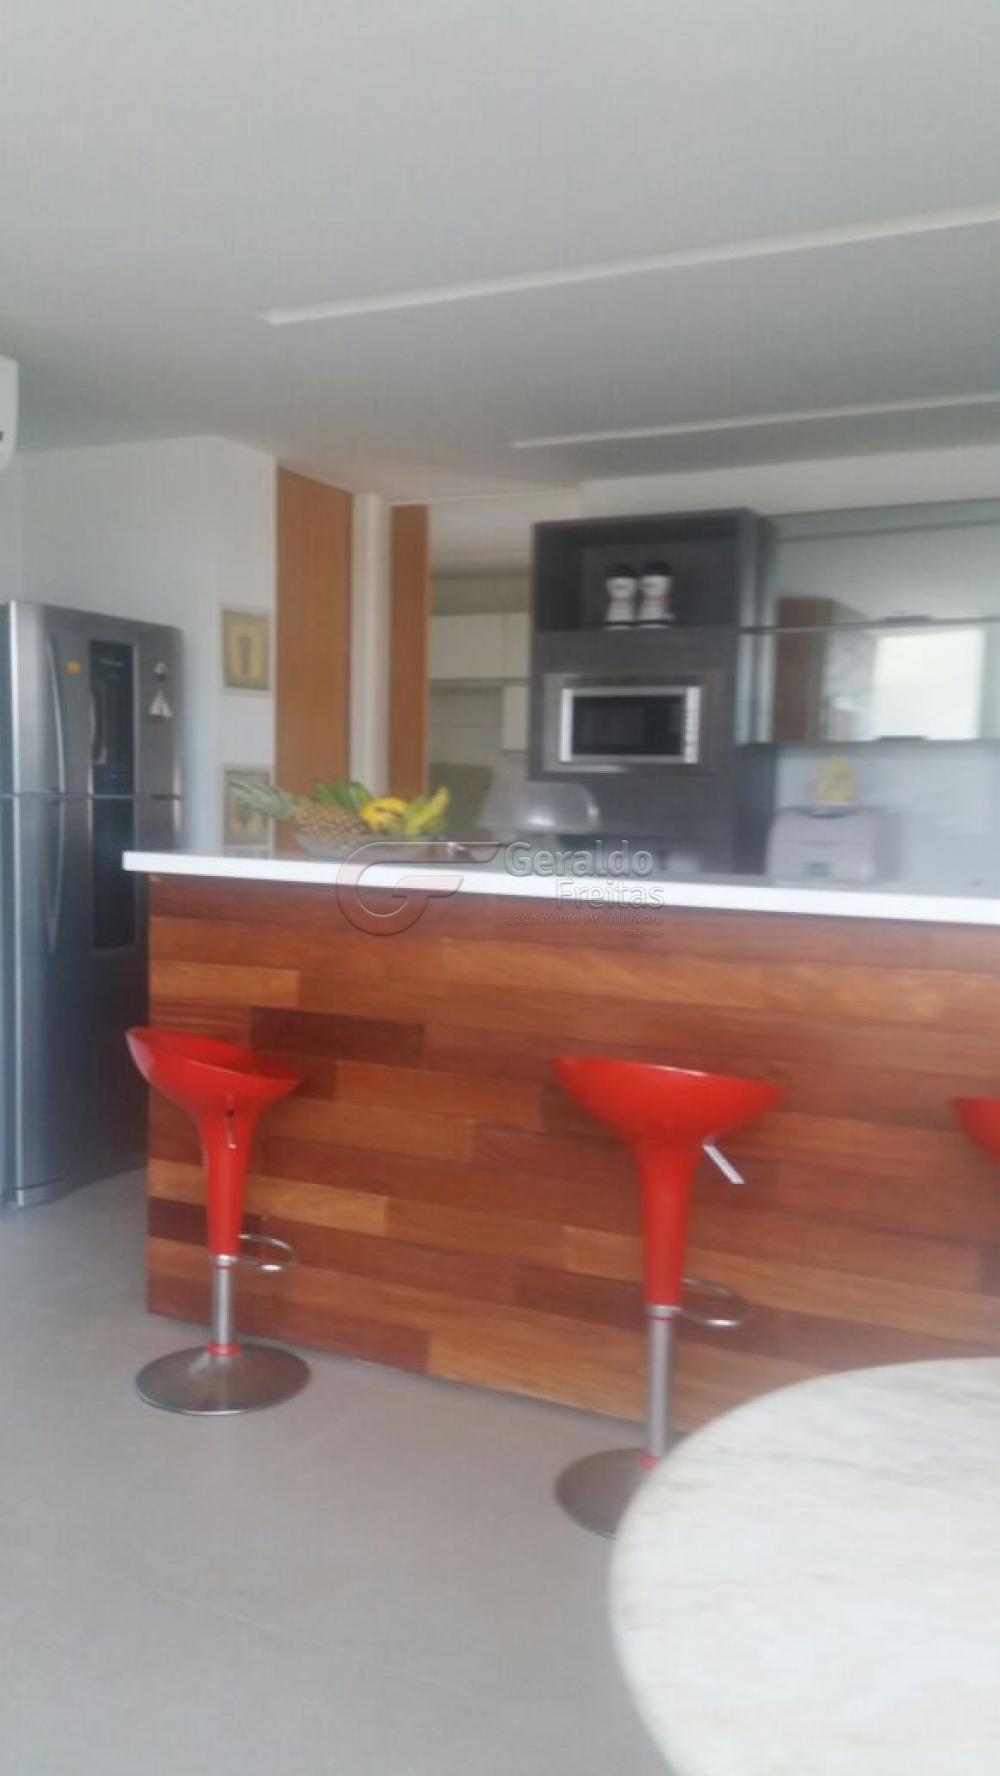 Comprar Casas / Condominio em Marechal Deodoro apenas R$ 2.700.000,00 - Foto 59